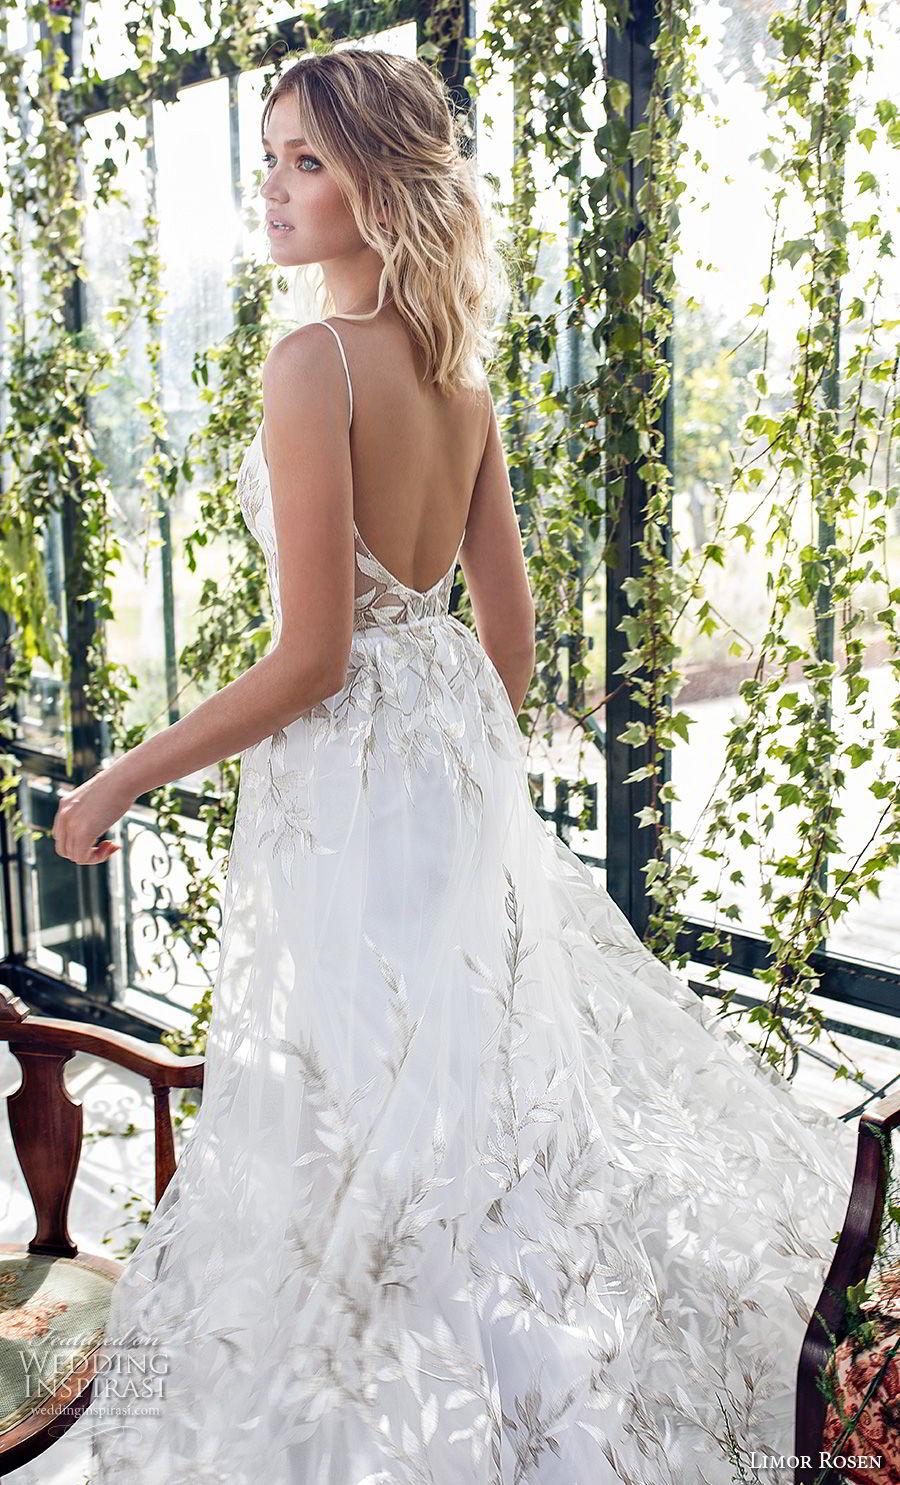 limor rosen 2019 xo bridal sleeveless spaghetti strap deep plunging sweetheart neckline full embellishement slit skirt romantic a  line wedding dress open back (12) zbv